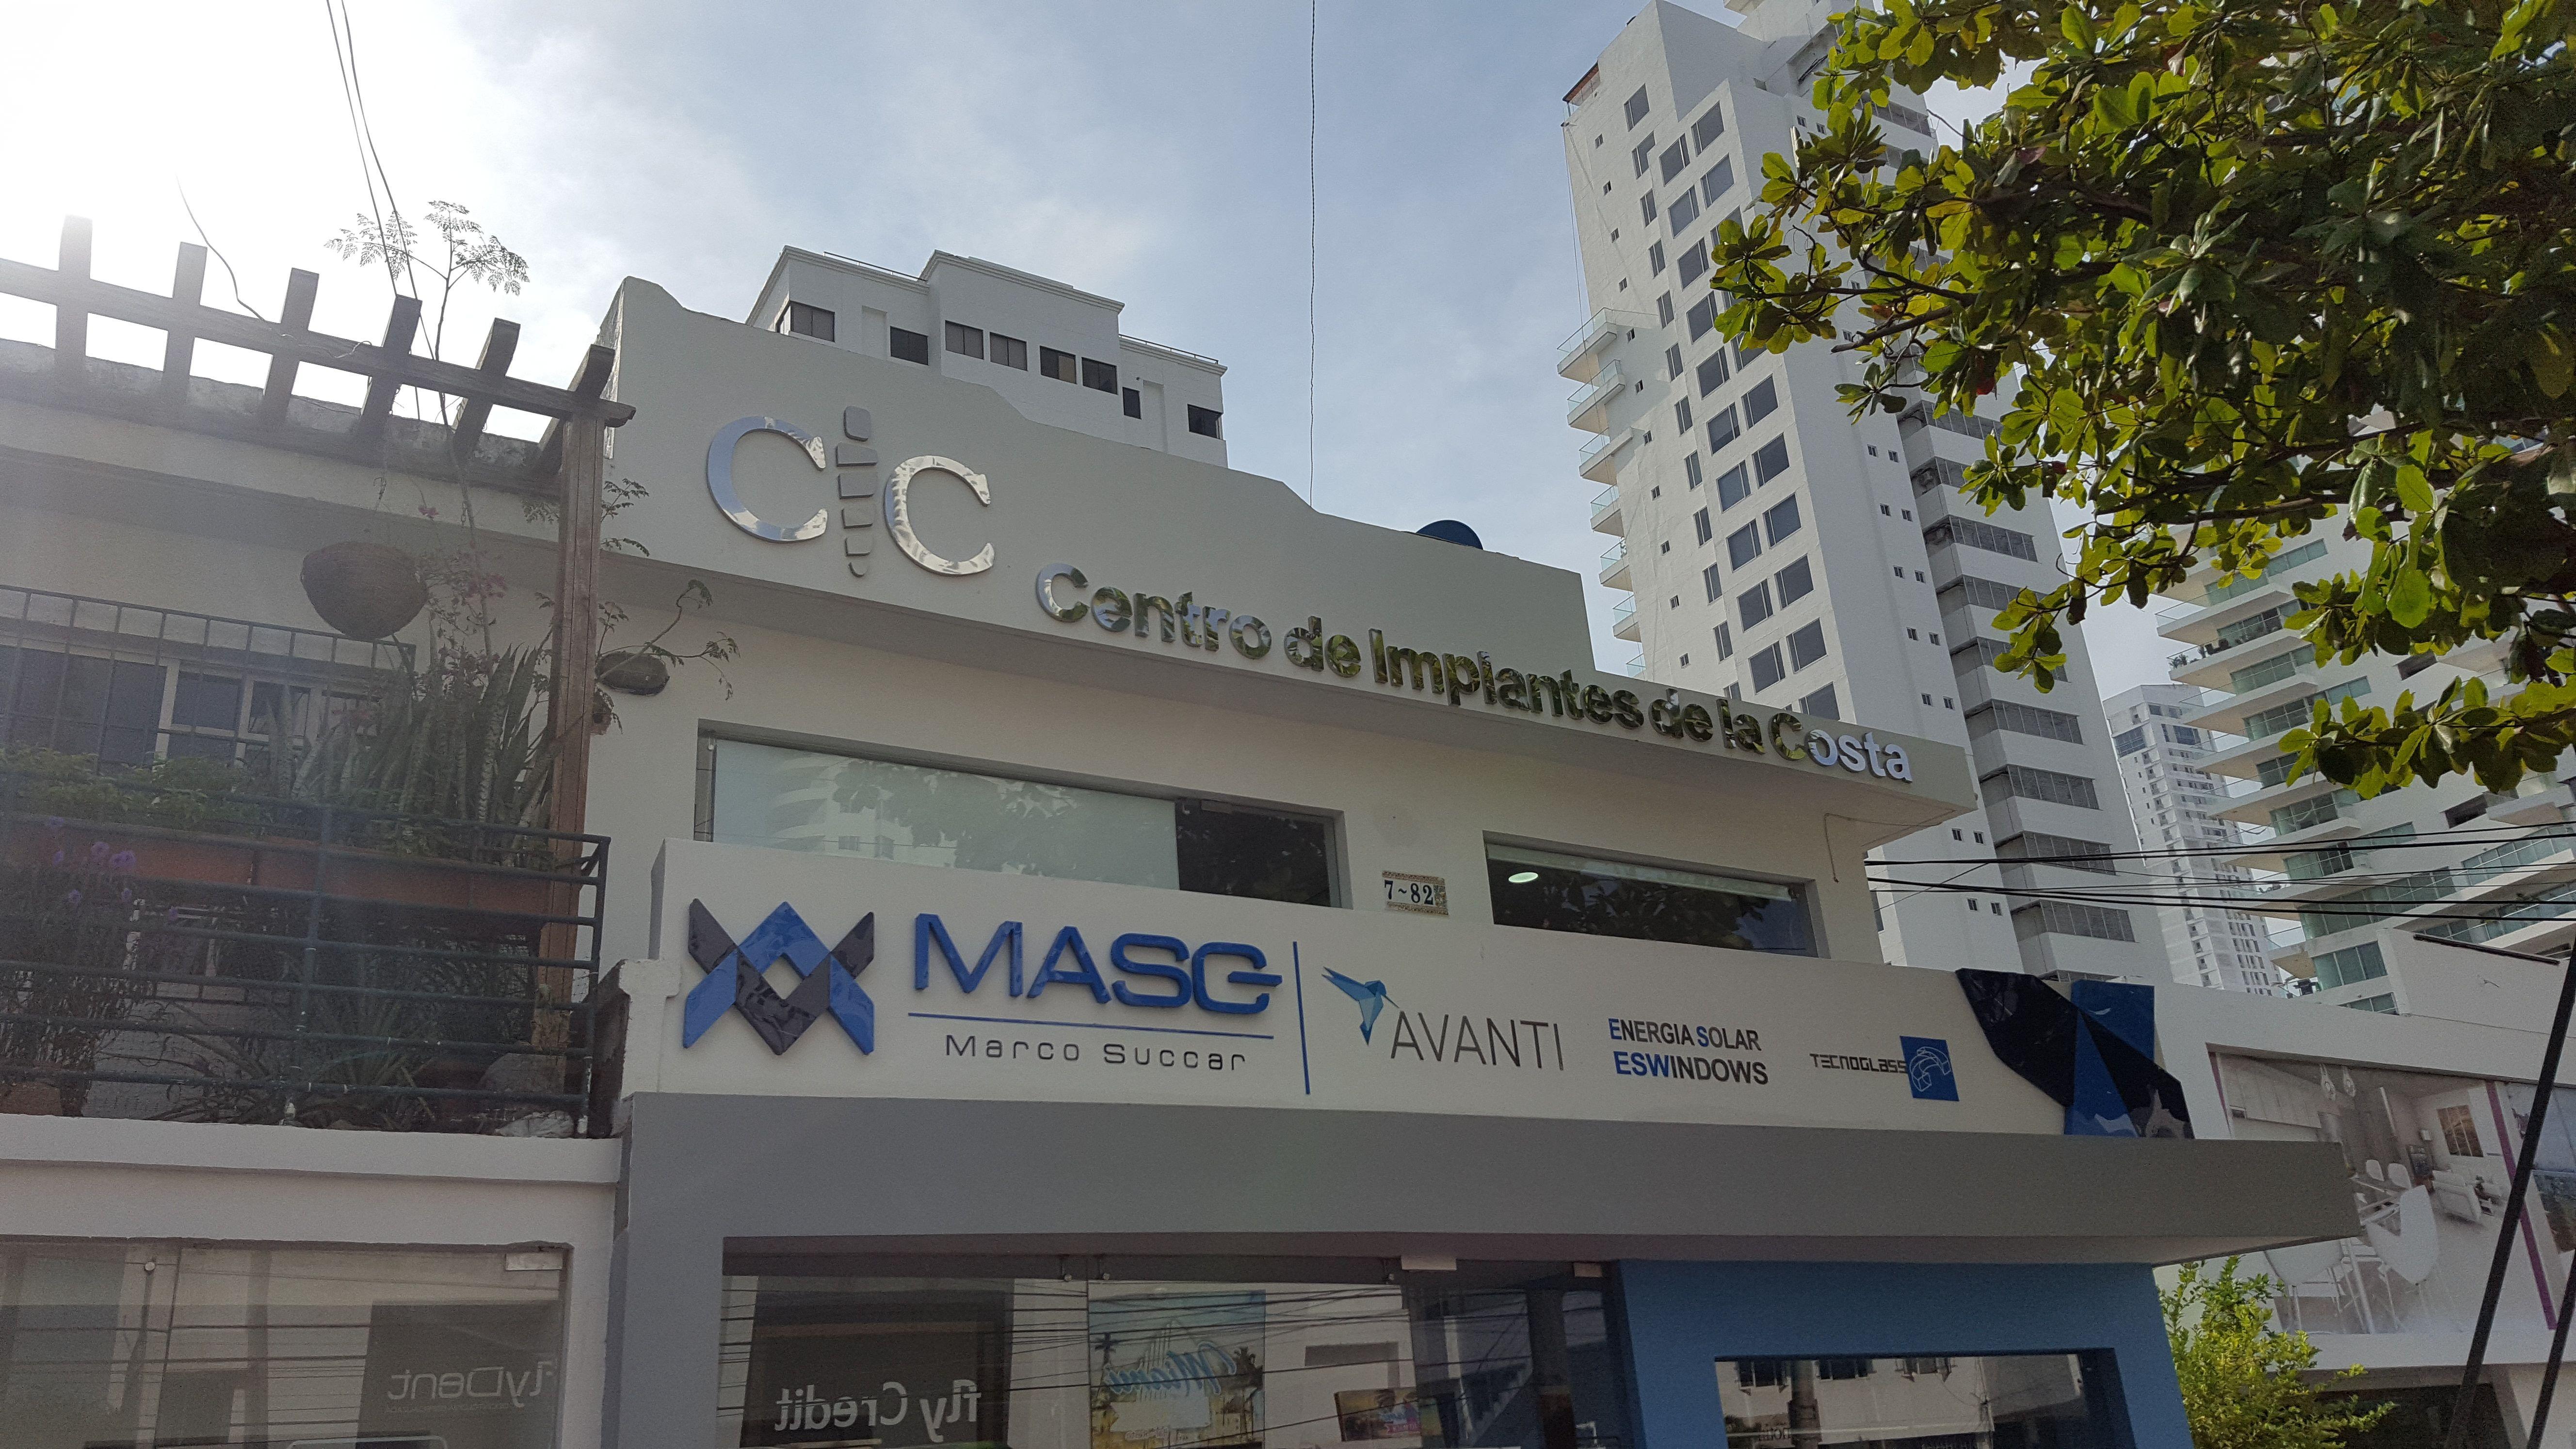 Centro de implantes de la costa by Julio Oliver